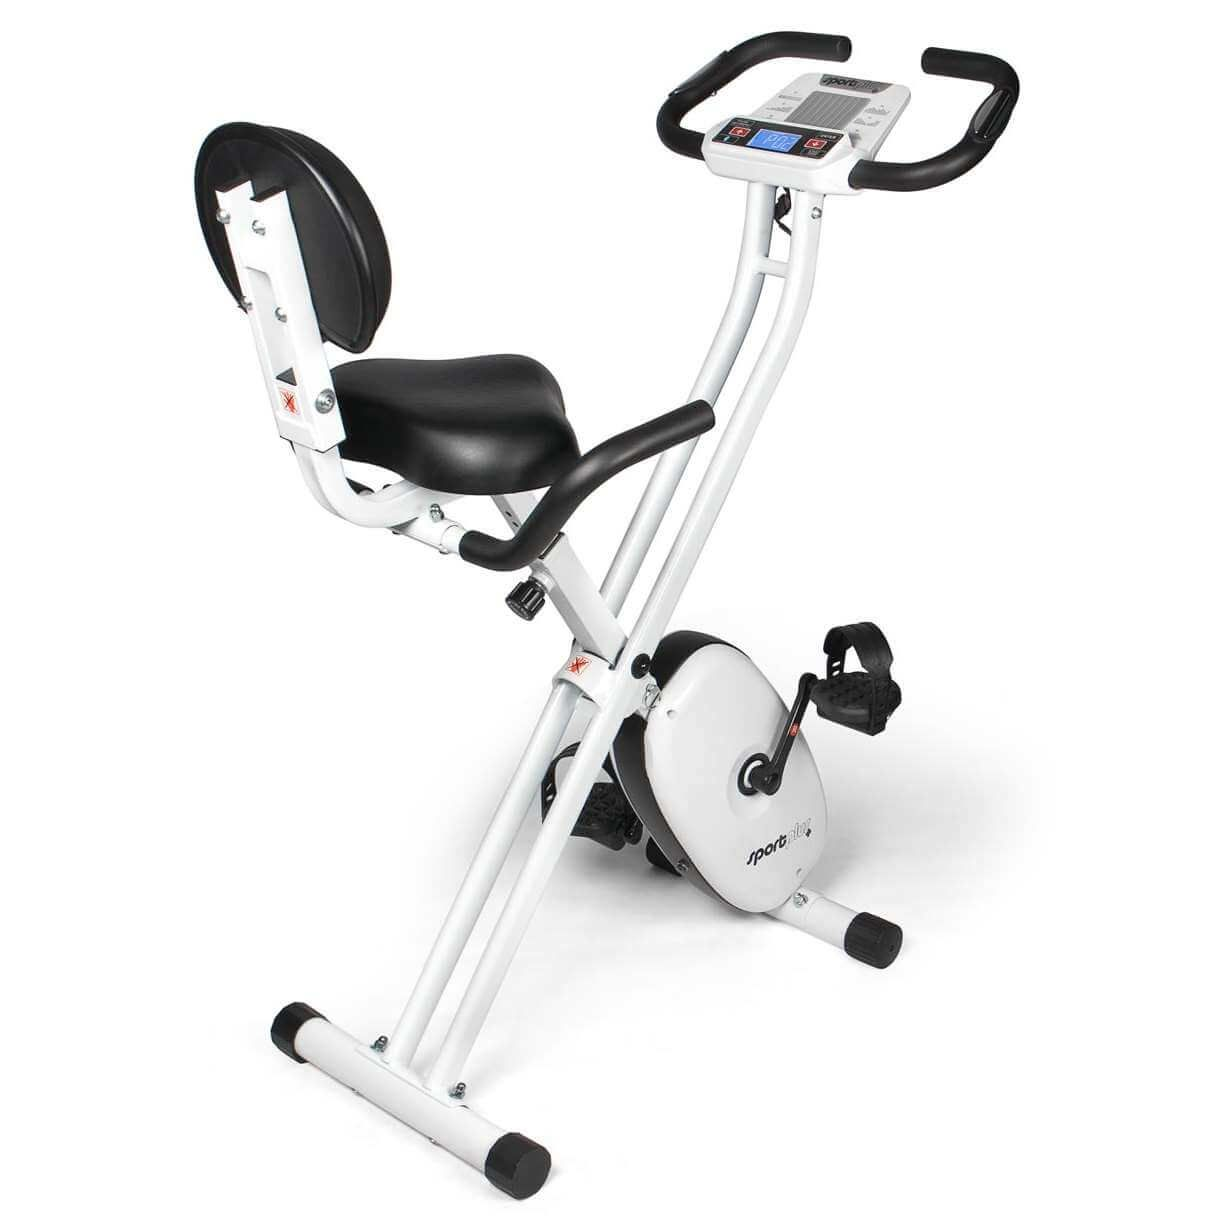 Vélo d'appartement Sportplus HT 1004 iE : notre avis